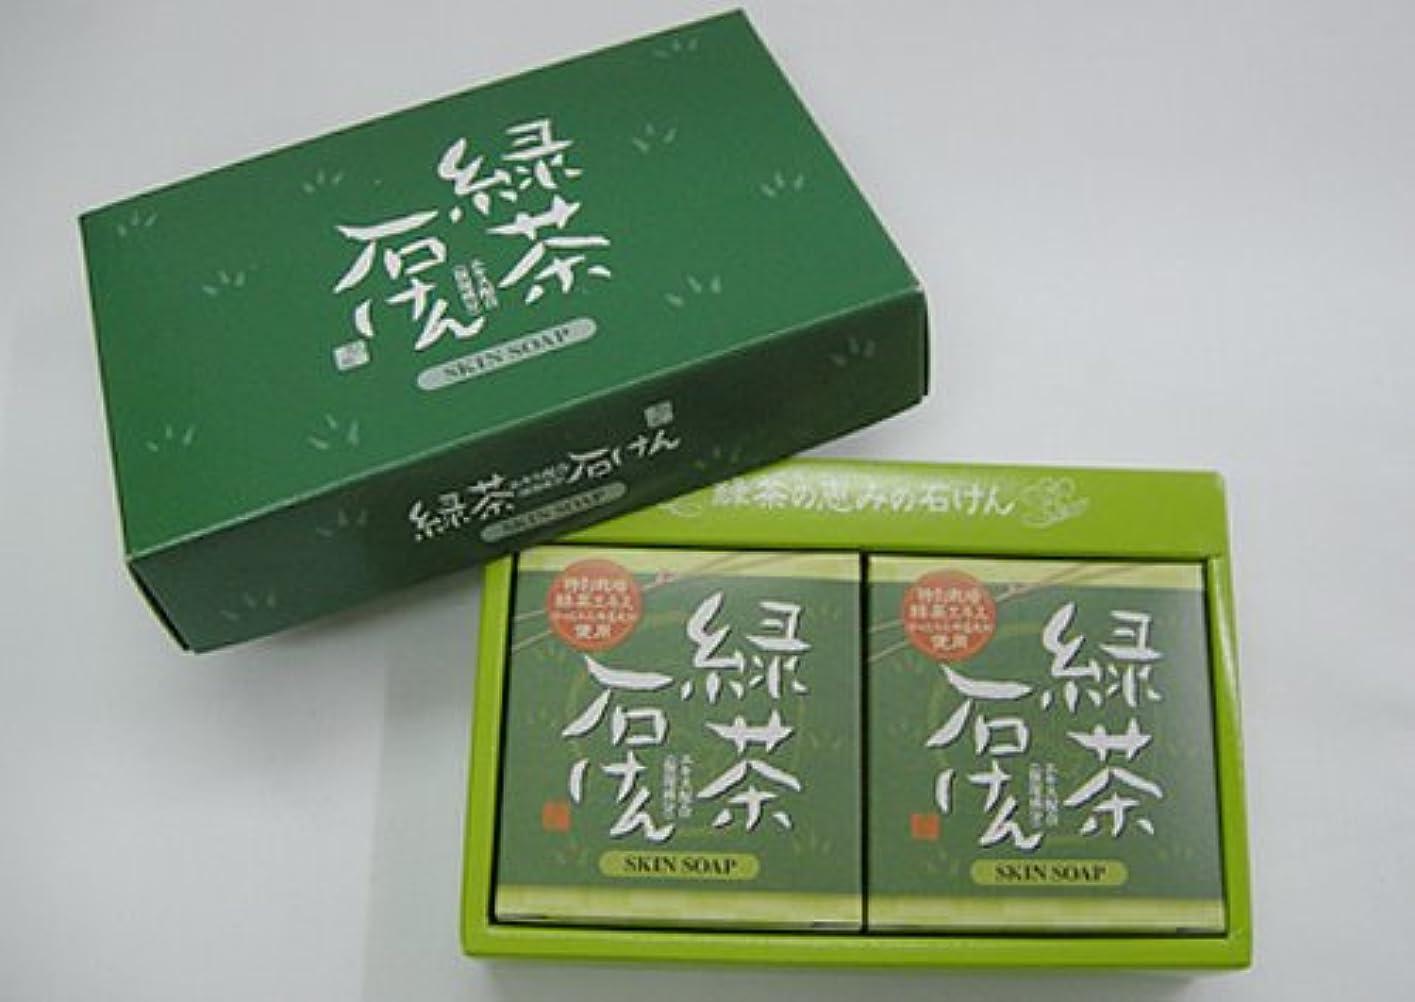 戦士公園大通り緑茶せっけん(緑茶エキス配合石けん)2ヶ入り